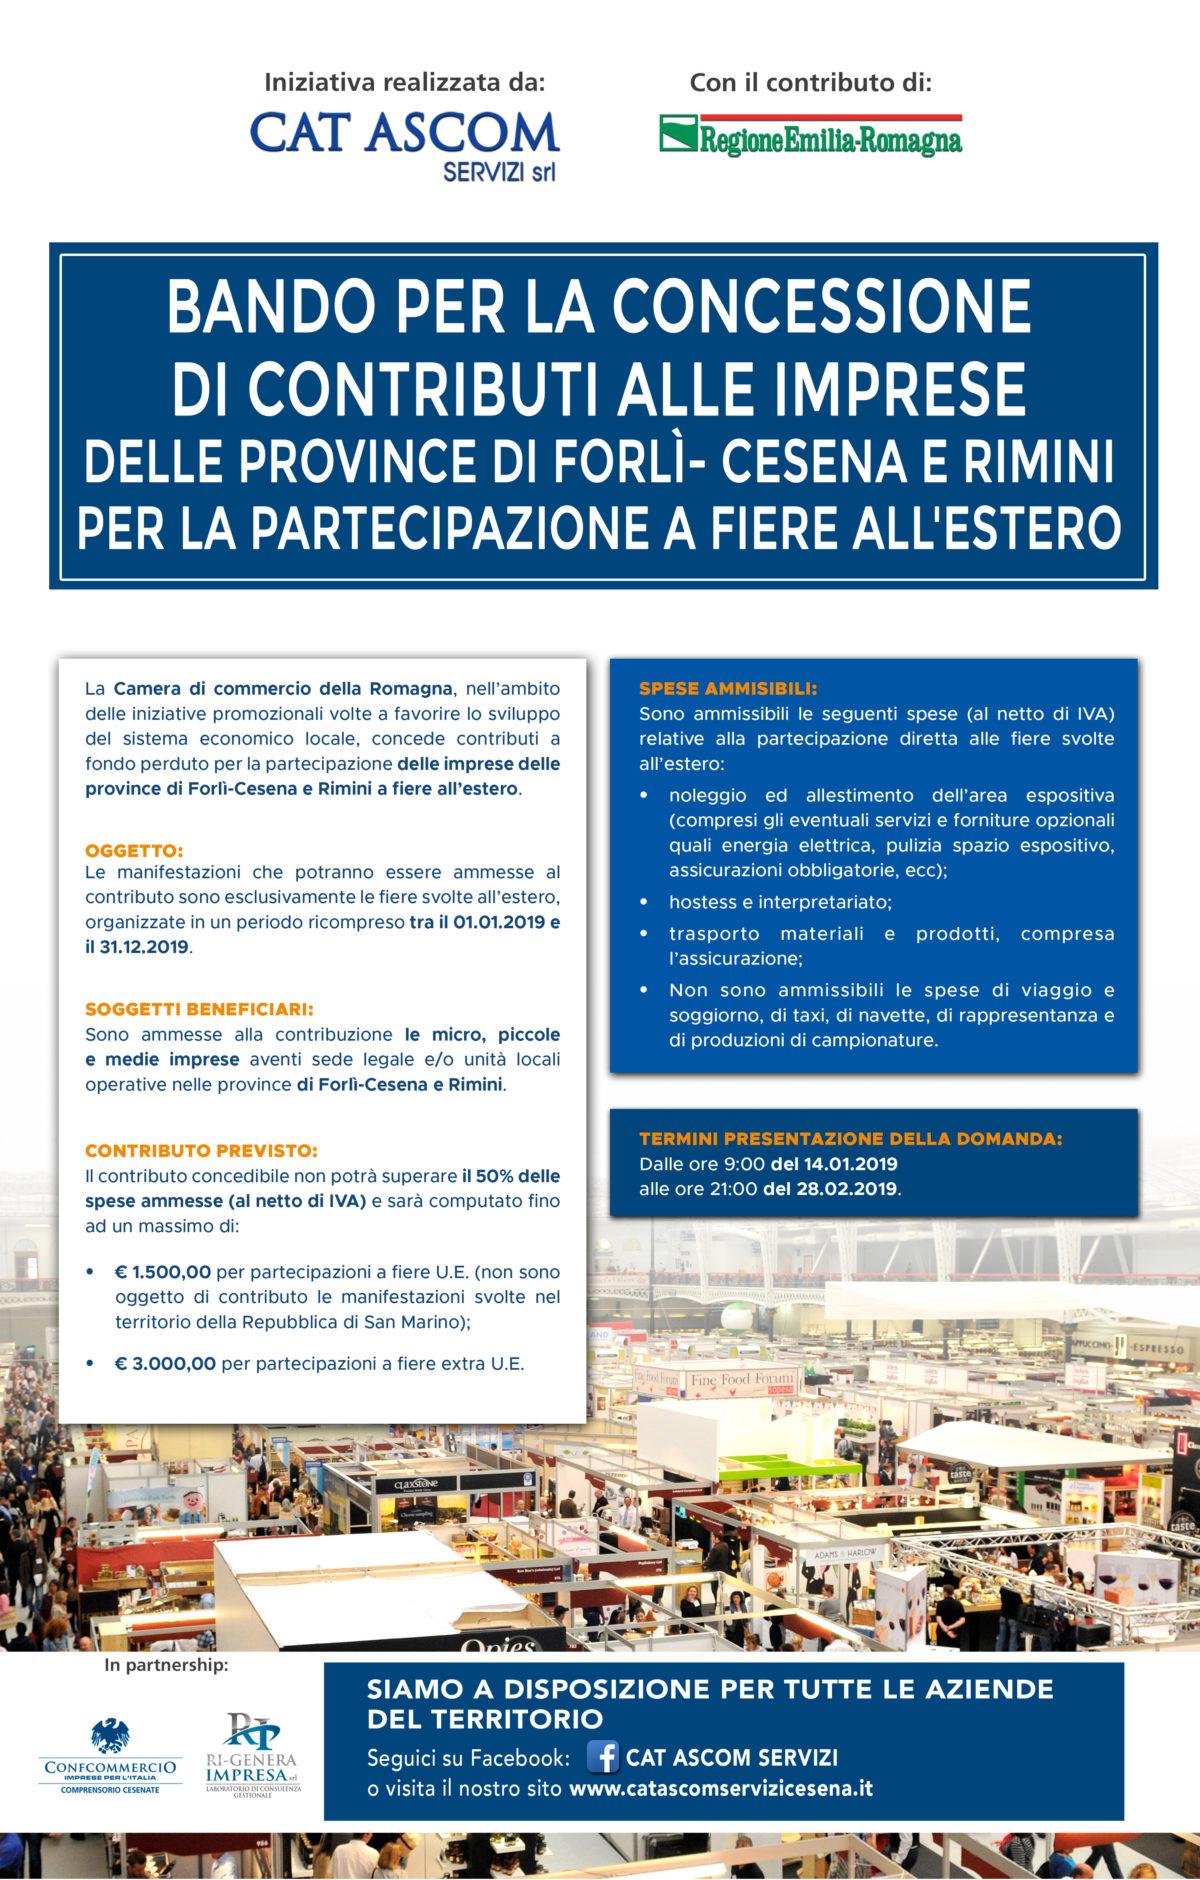 Bando per la concessione  di contributi alle imprese  delle province di forlì- cesena e rimini per la partecipazione a fiere all'estero